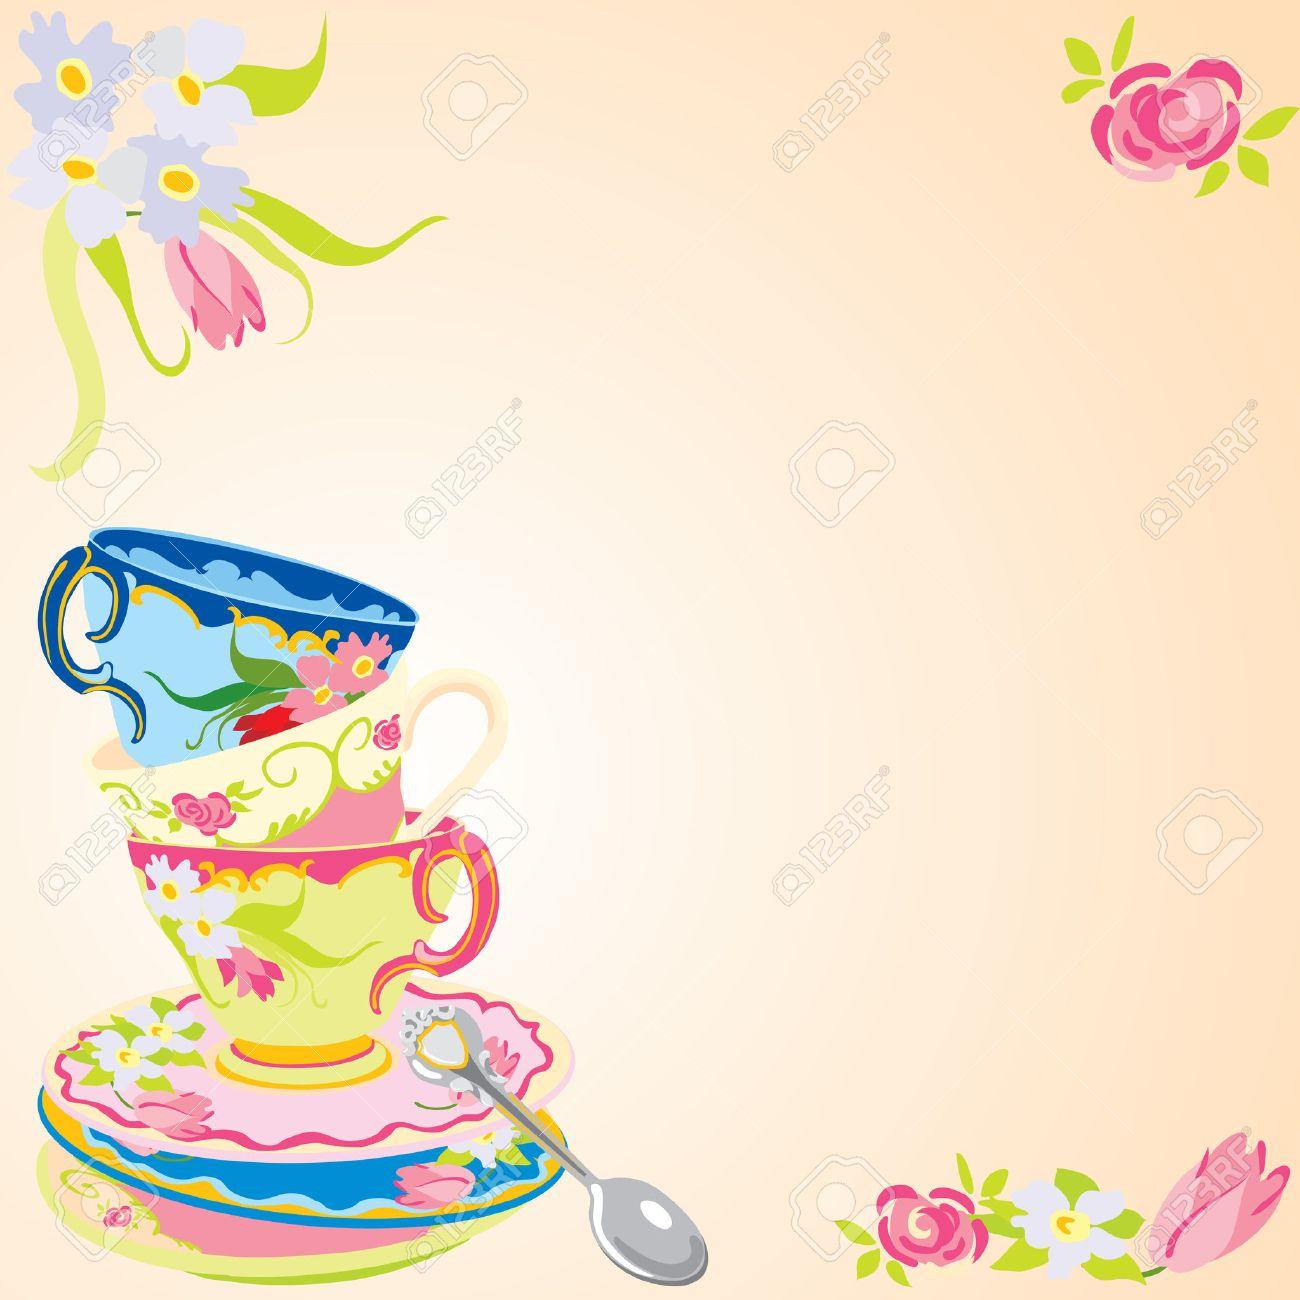 Gemütlich Morgen Tee Einladung Vorlage Ideen - Entry Level Resume ...